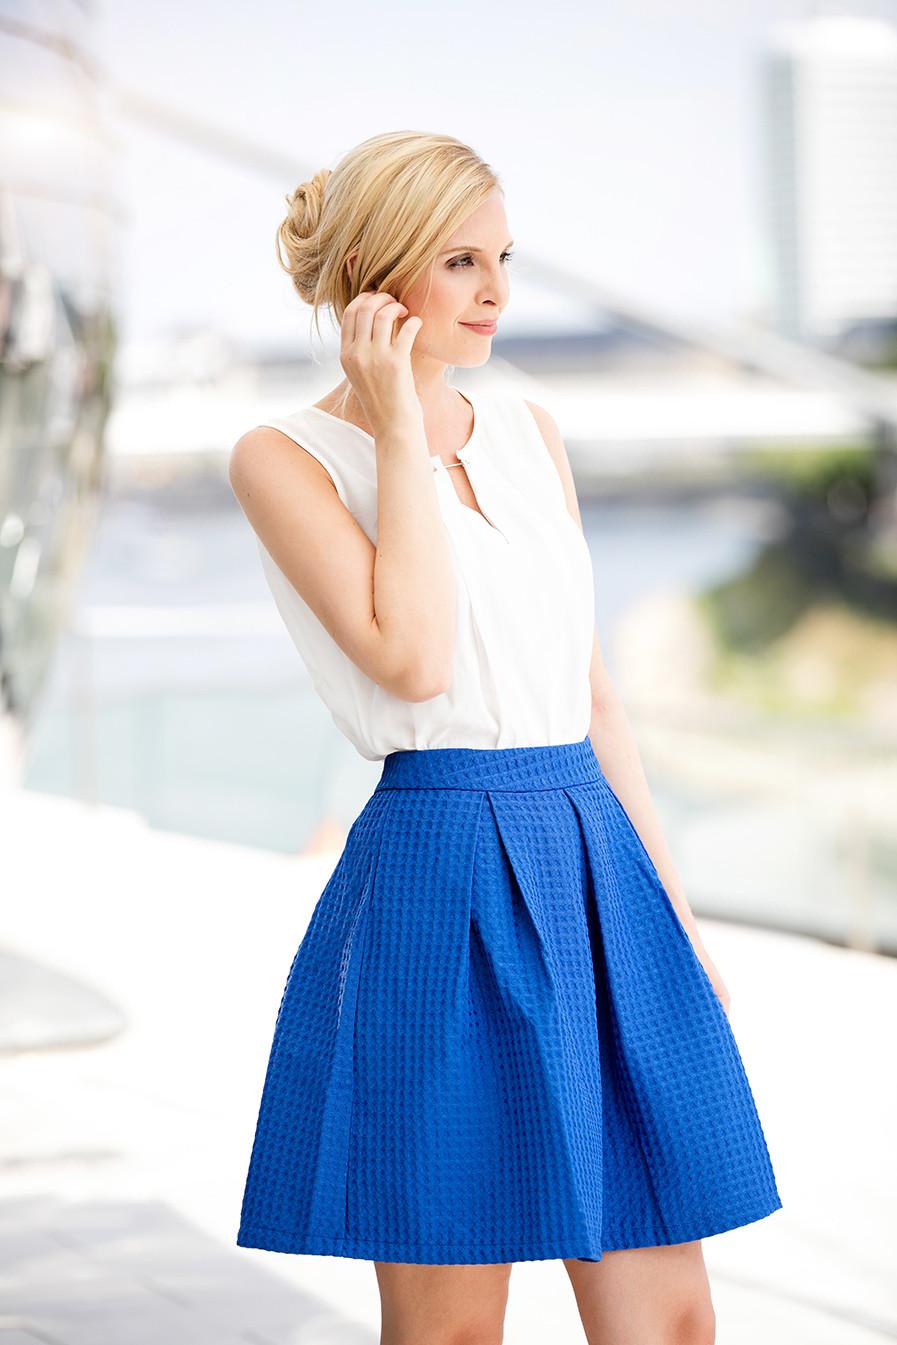 Life Style hair and make up, blondes Model mit locker gesteckten Haaren